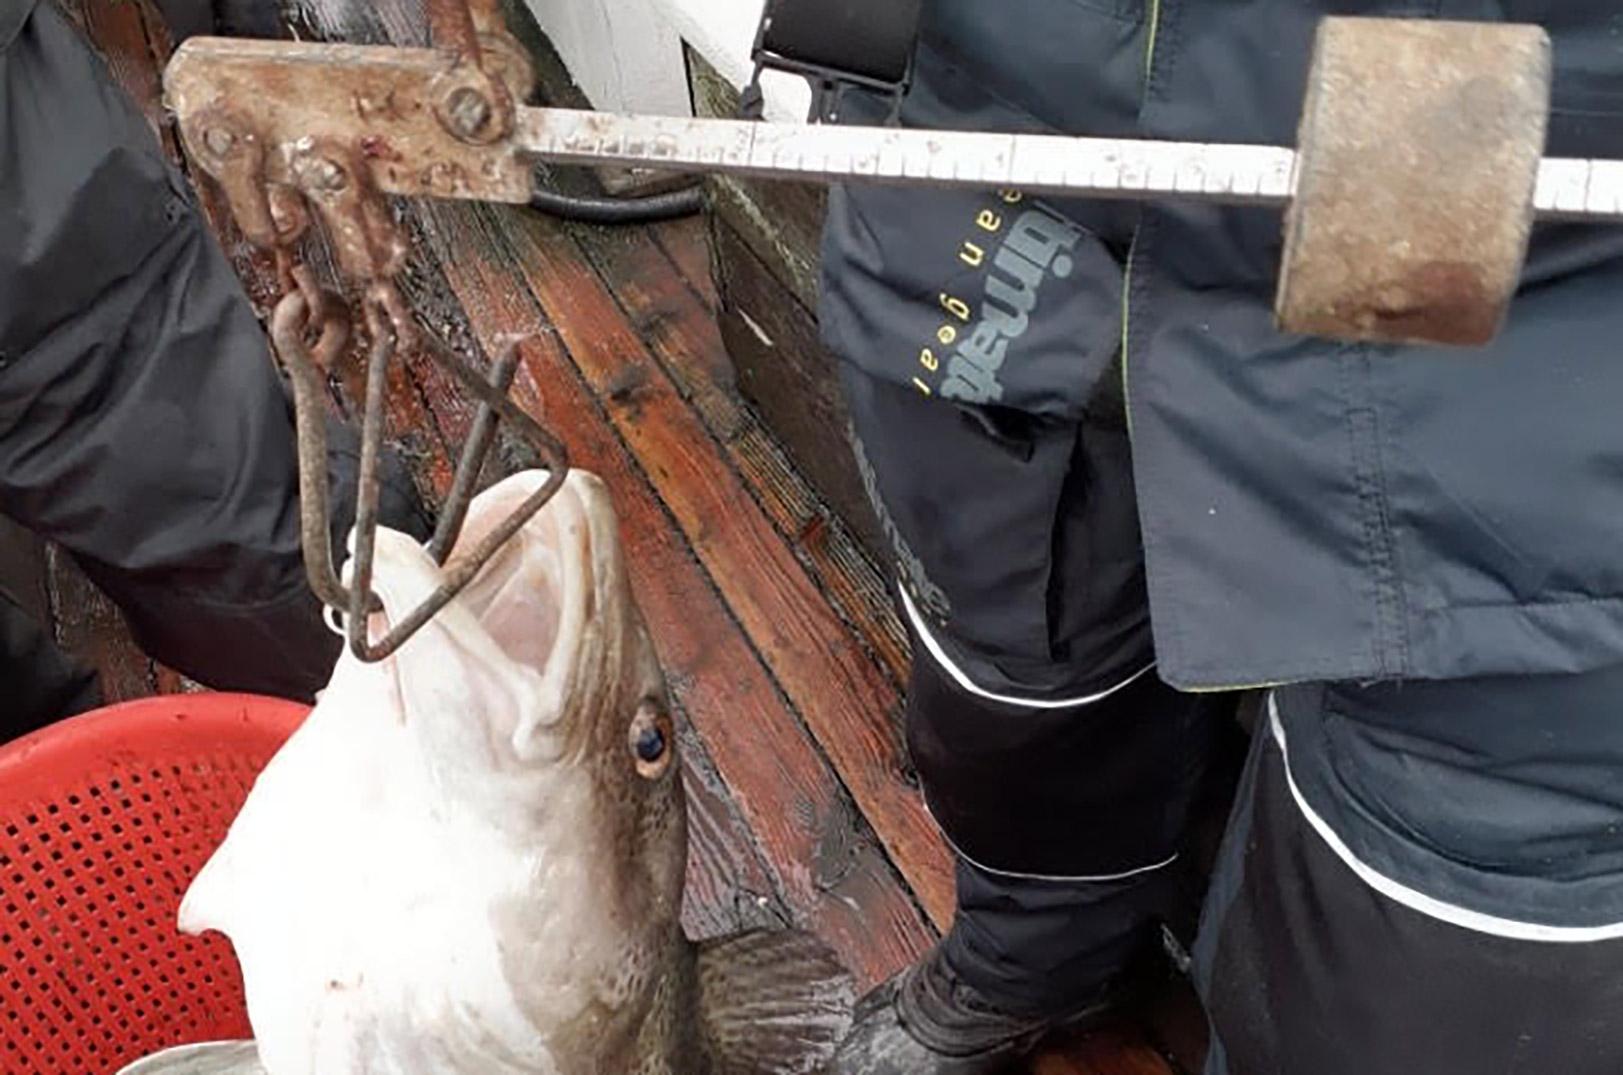 13,0 kilos sagde bismeren ombord på Neptun i Langelandsbæltet.